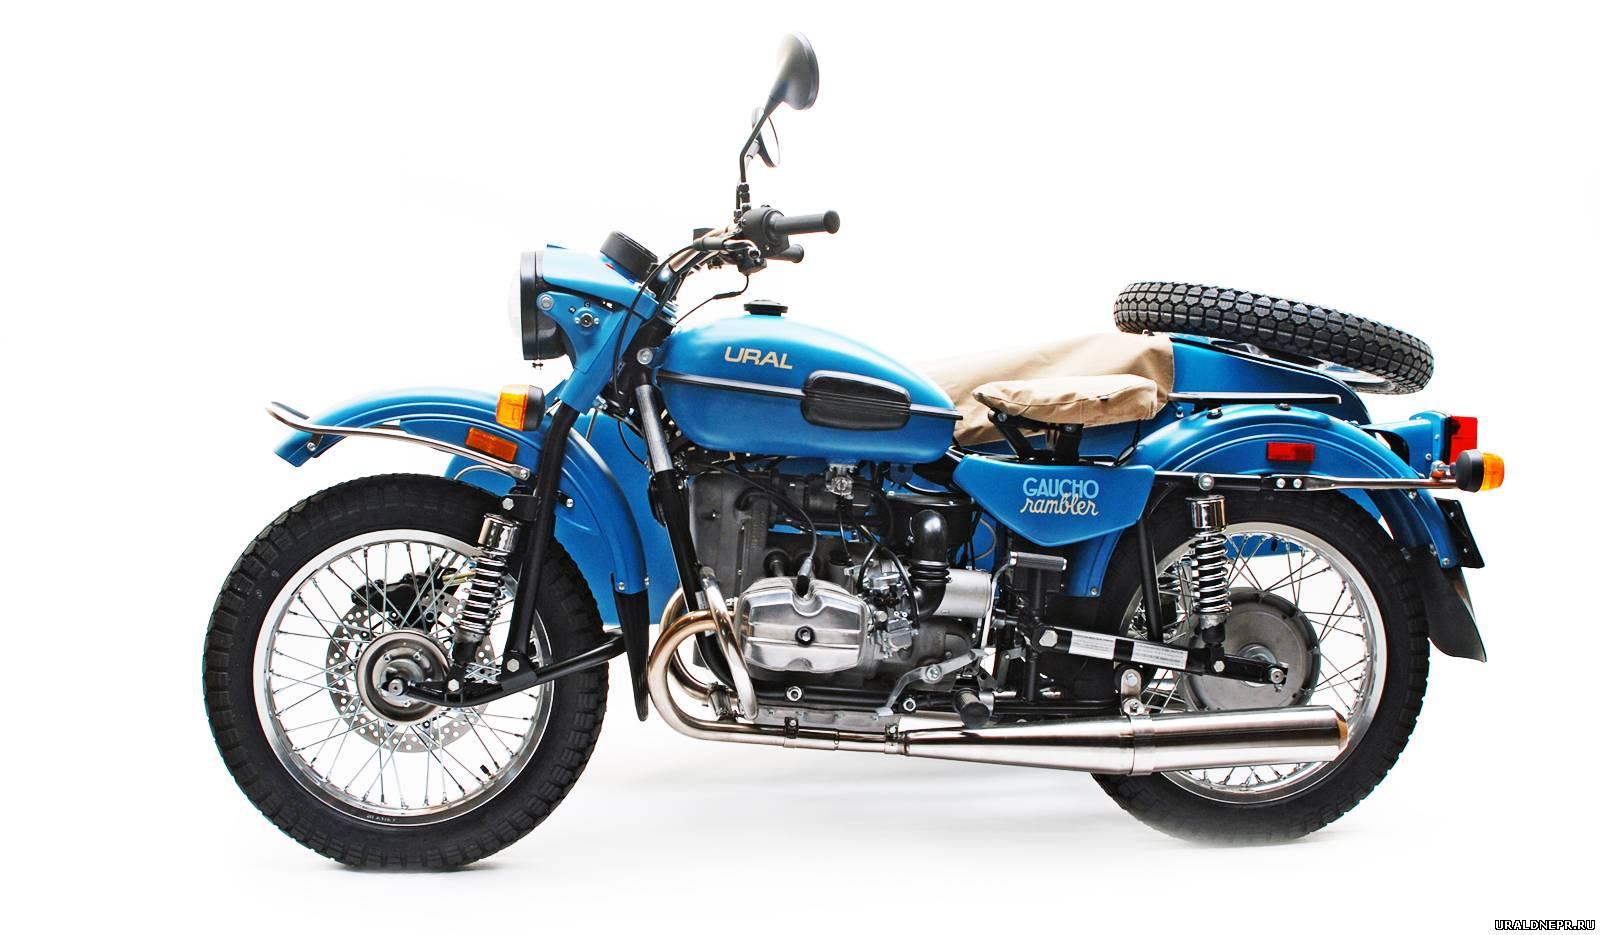 мотоцикл урал изм.8.103.10 инструкция